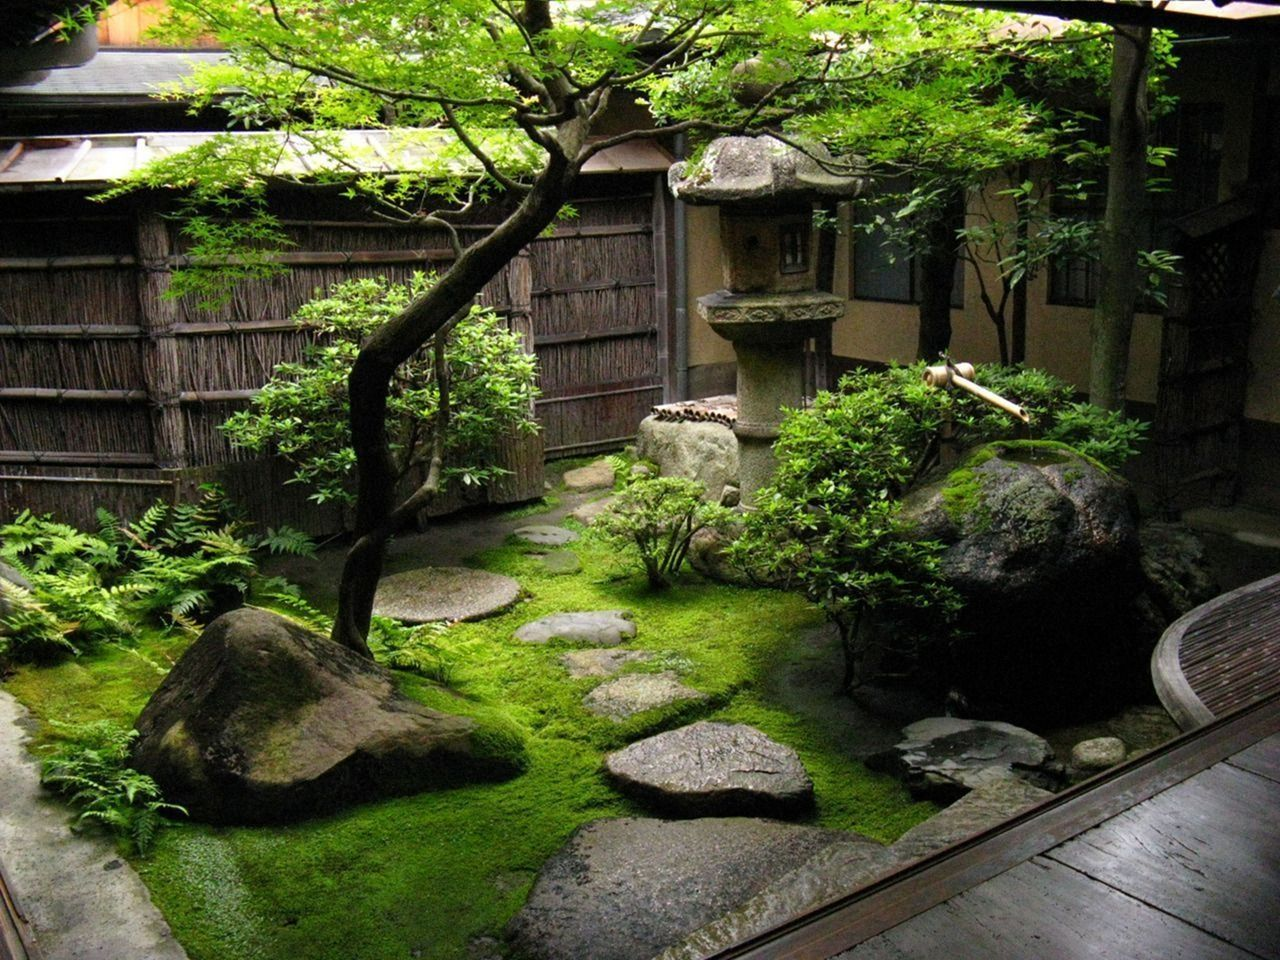 39 Small Garden Landscape Ideas On Budget Decorhit Com Zen Garden Design Small Japanese Garden Small Backyard Gardens Japanese garden for small backyard